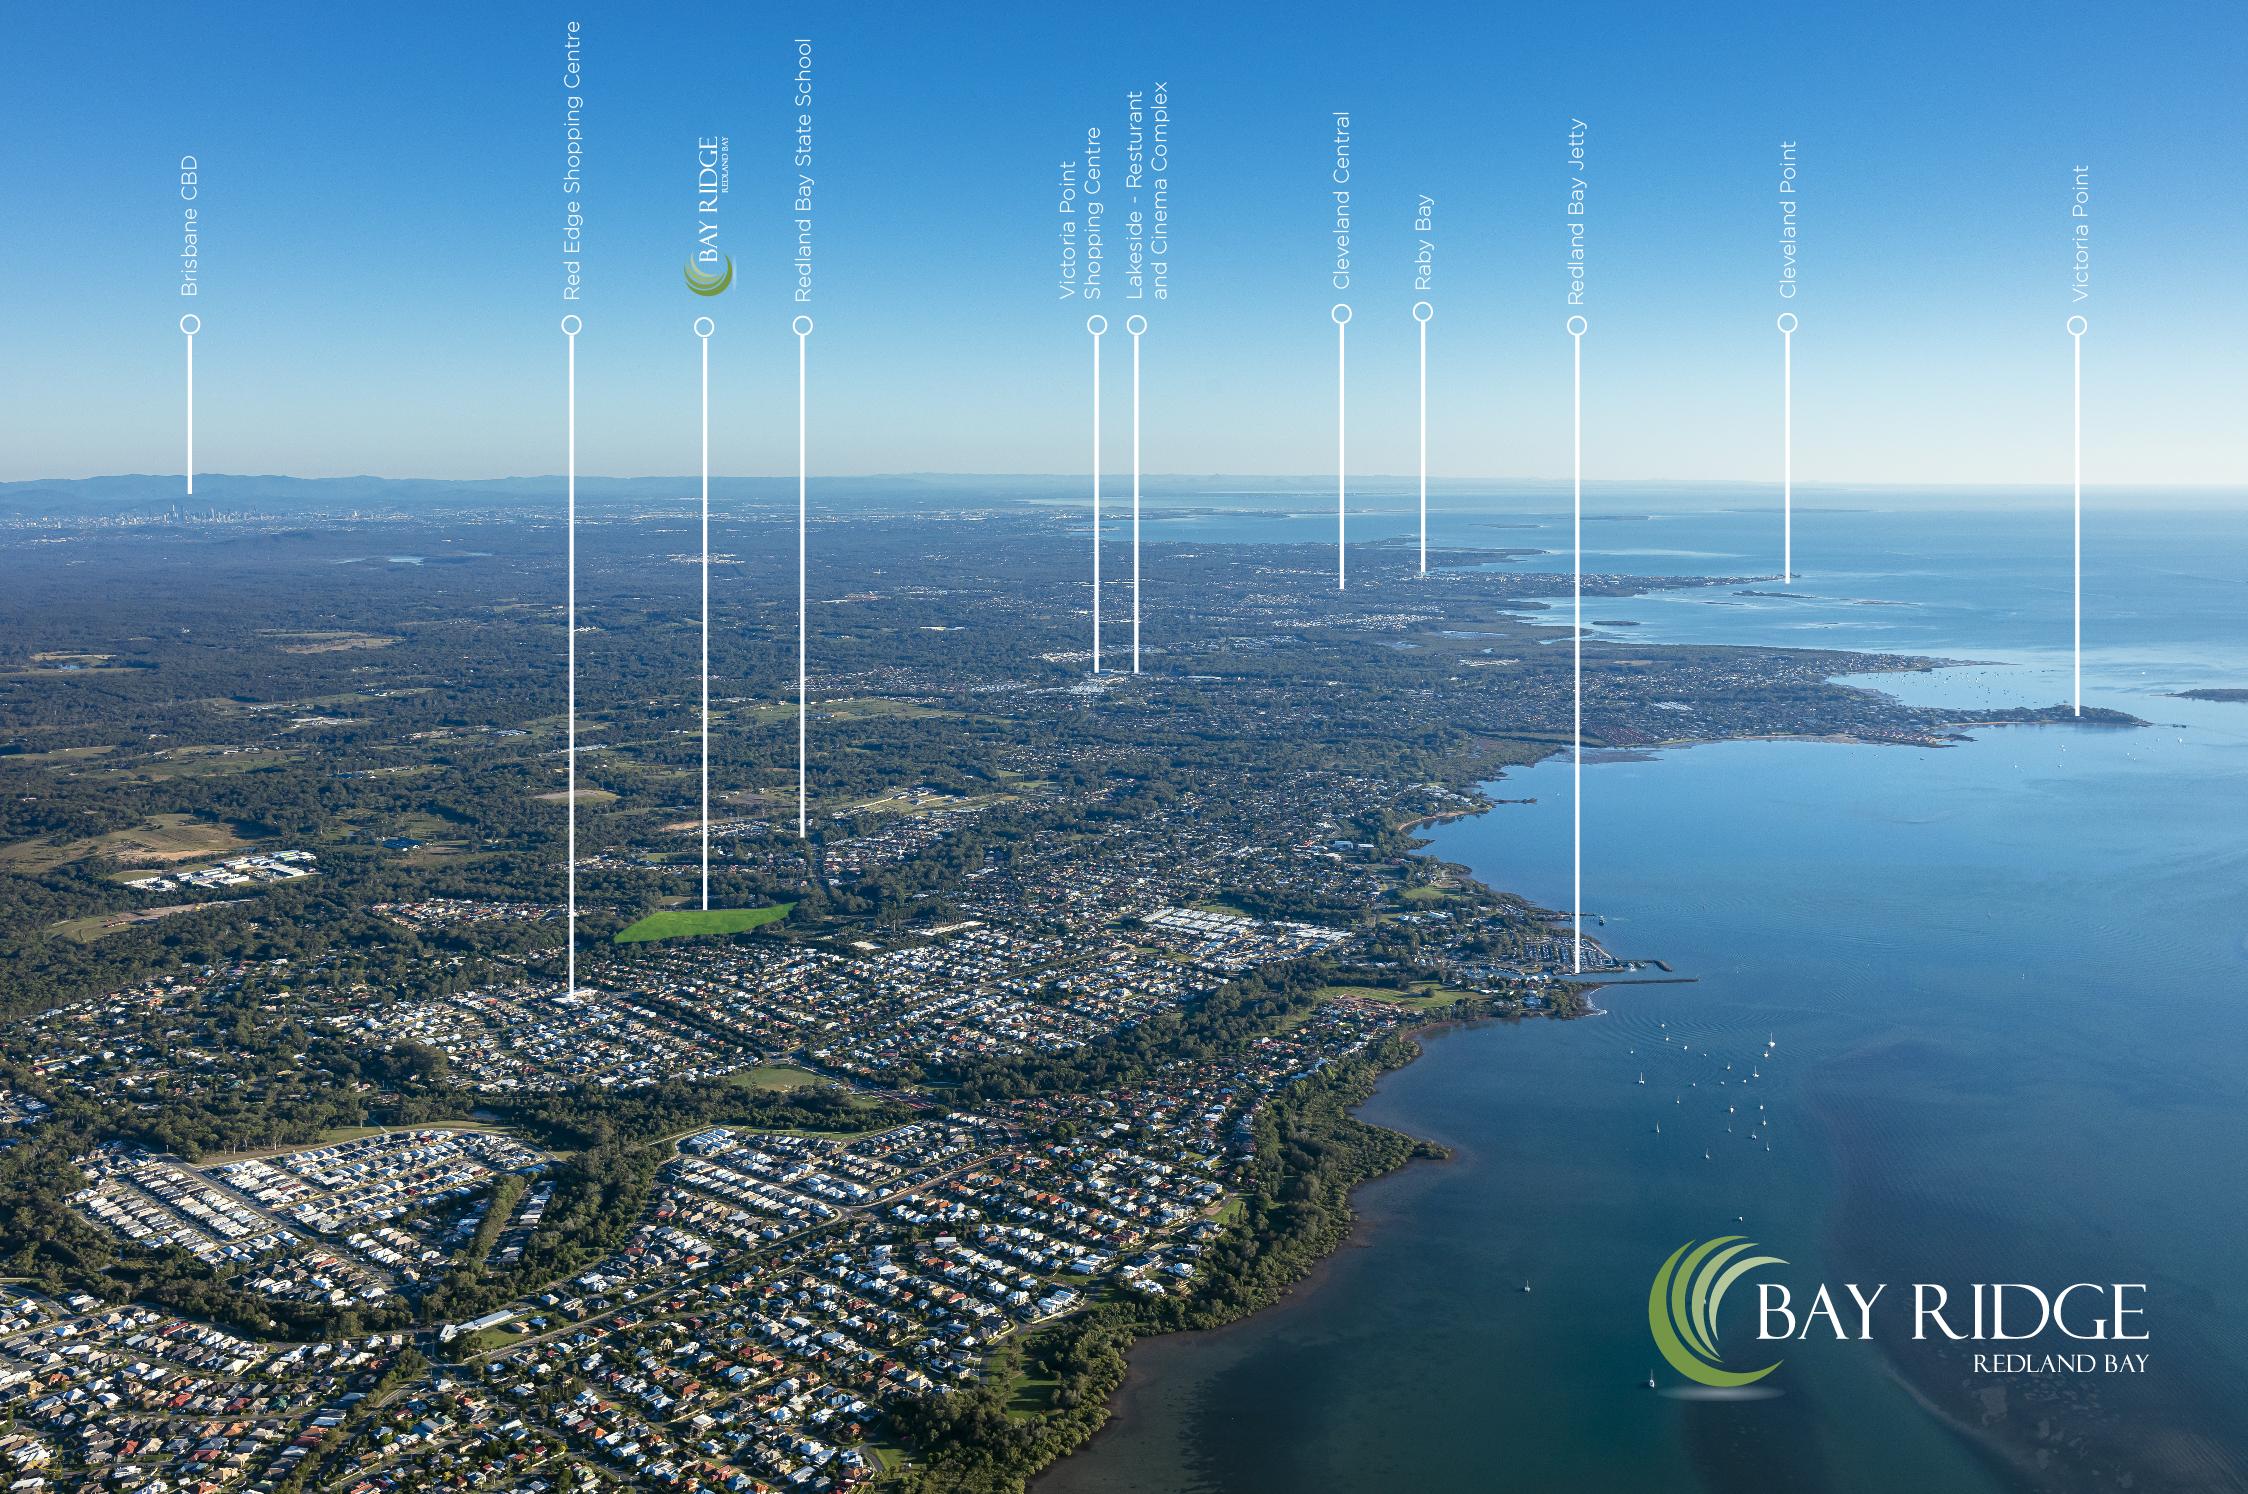 2019-07-02 - Bay Ridge Aerial Map v3.jpg